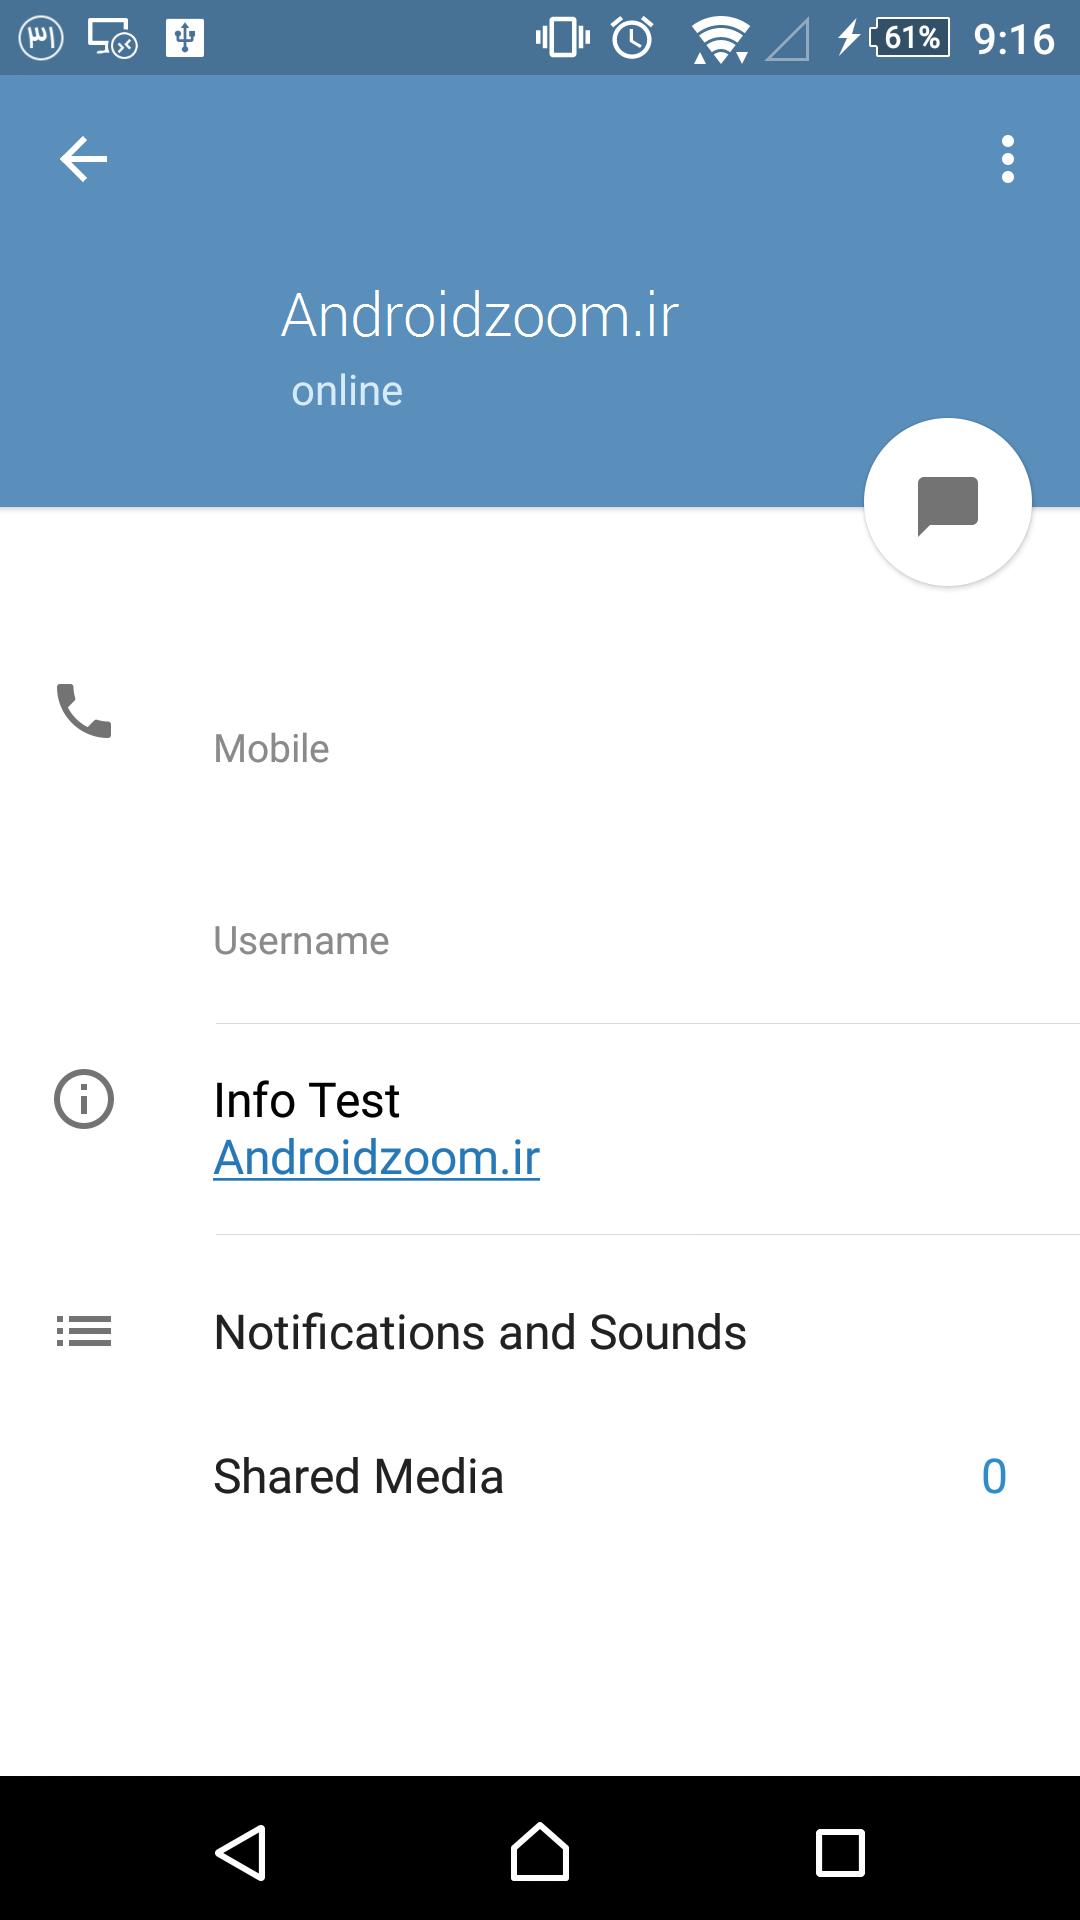 عکس+گذاشتن+در+پروفایل+تلگرام